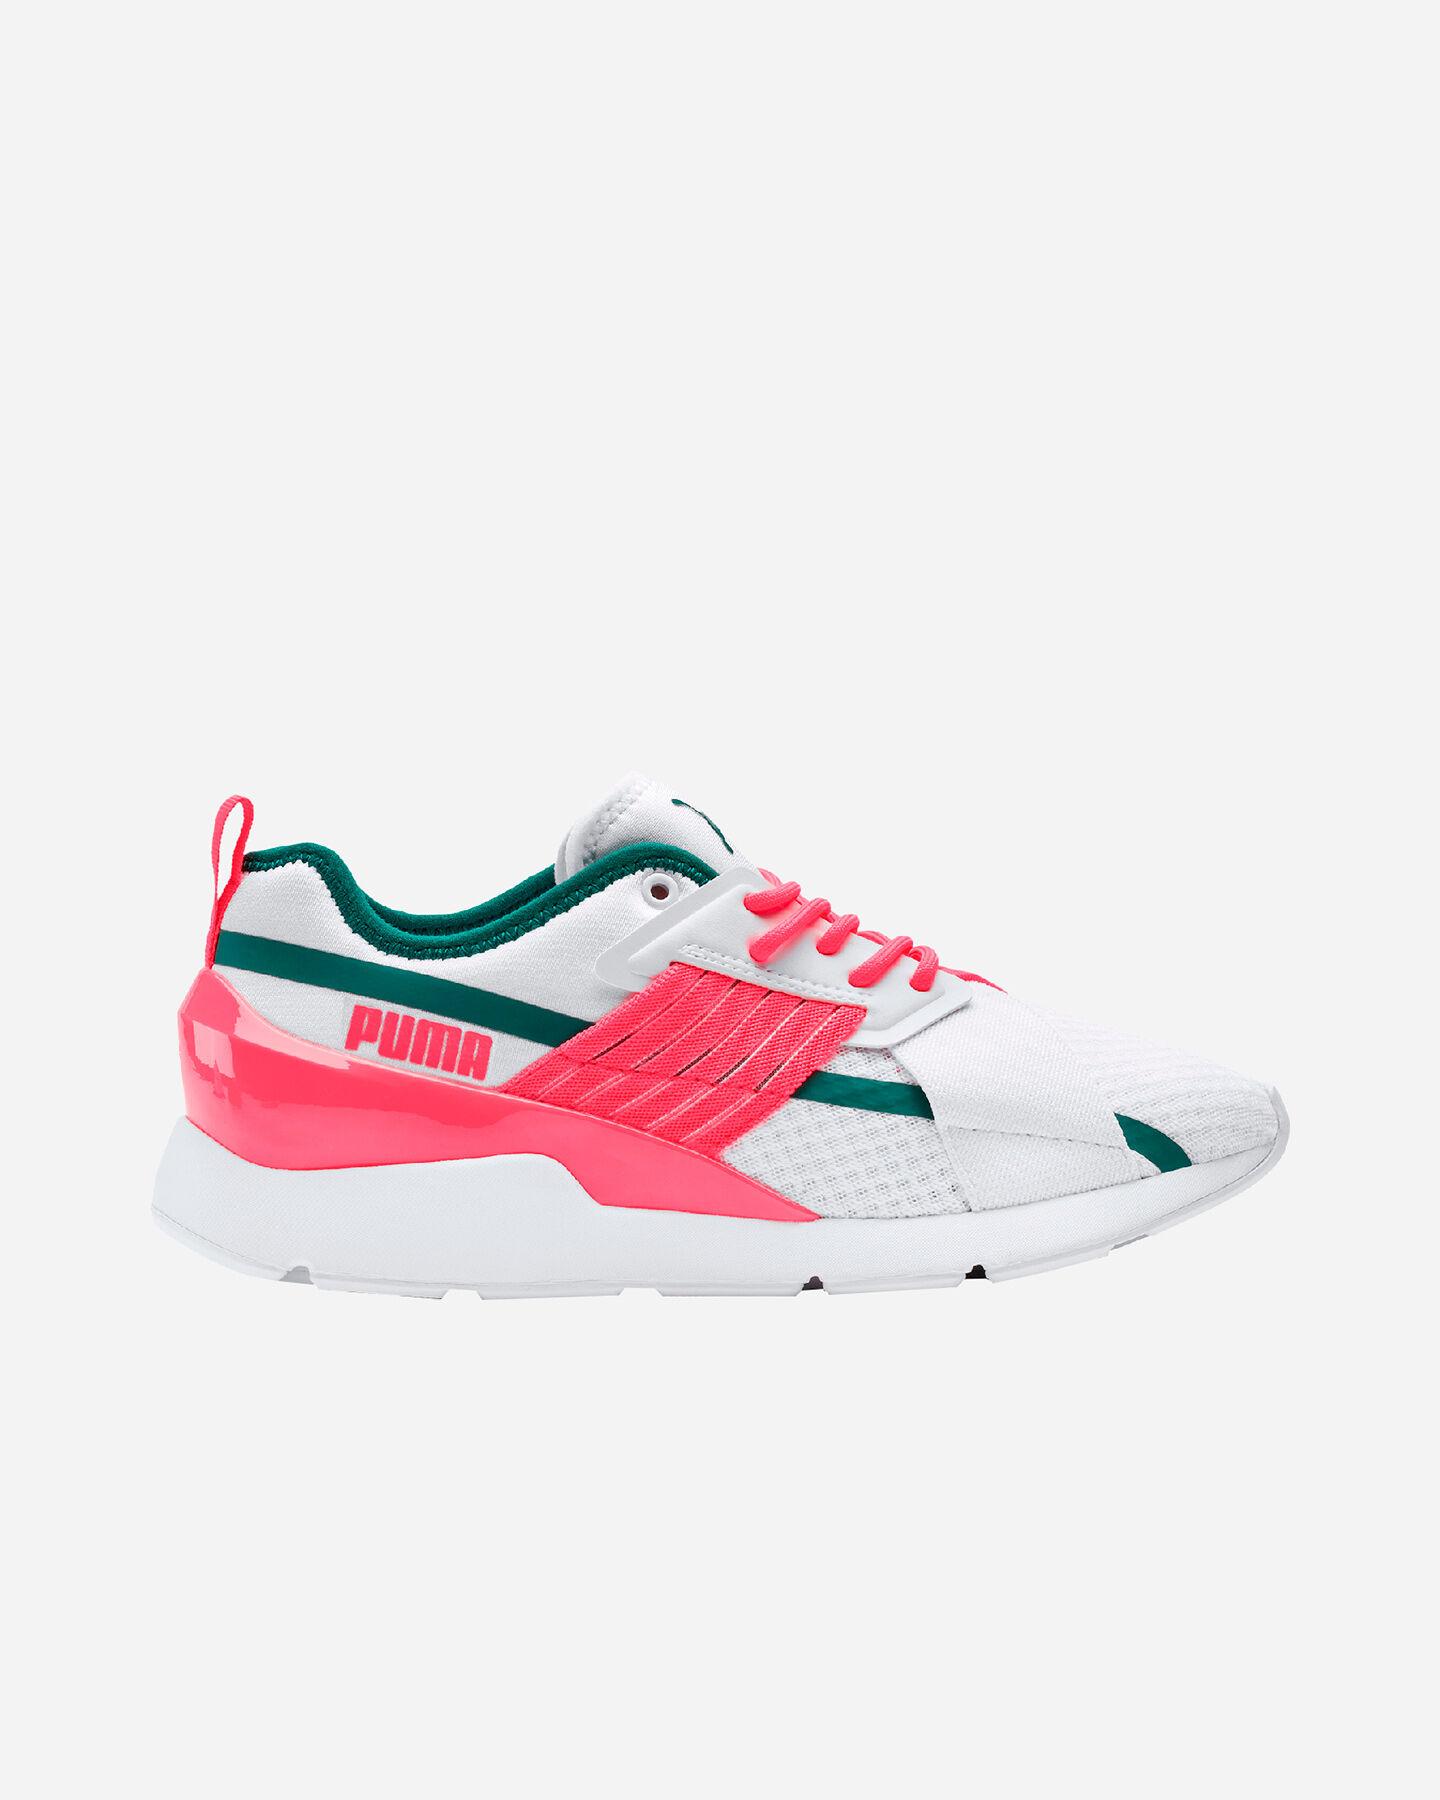 scarpe da ginnastica puma donna 2017